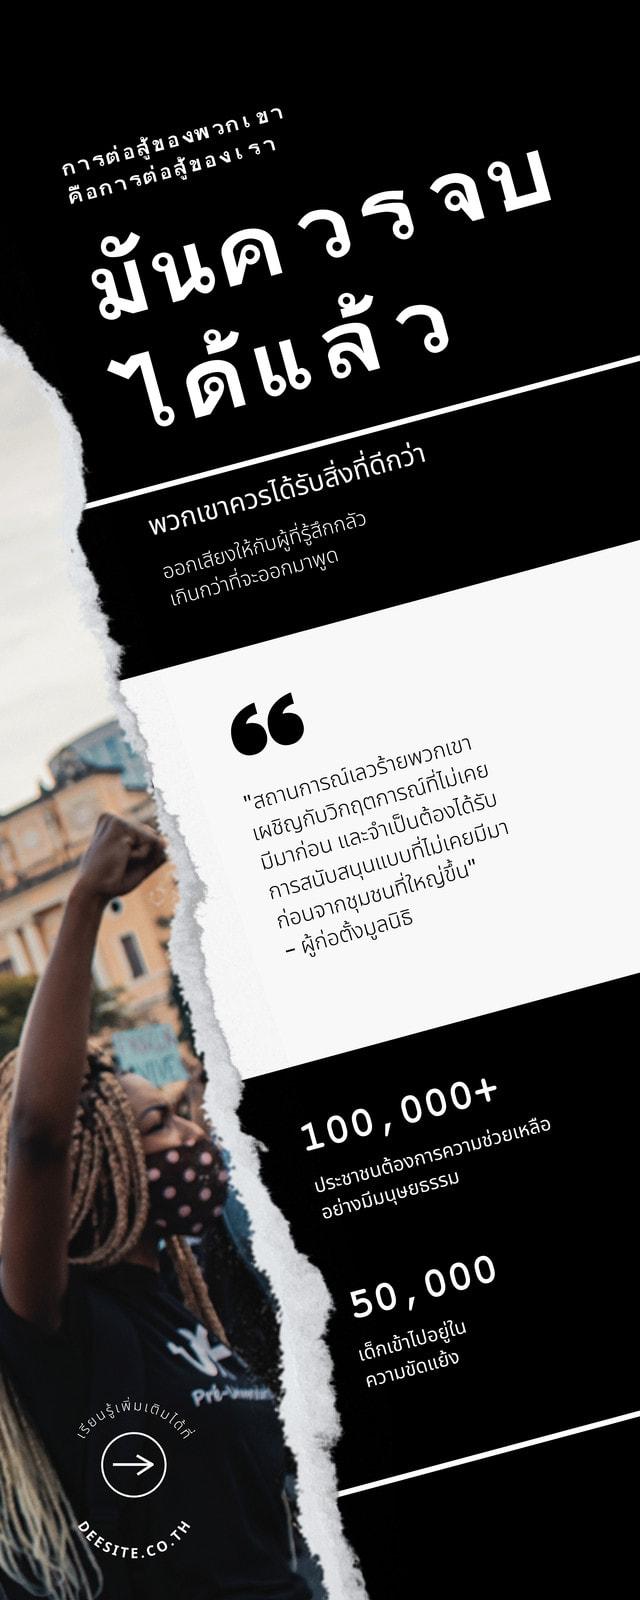 อินโฟกราฟิก ศูนย์กลางวิกฤต การประท้วงของชุมชน แข็งแกร่งและกล้าหาญ สีดำและสีขาว